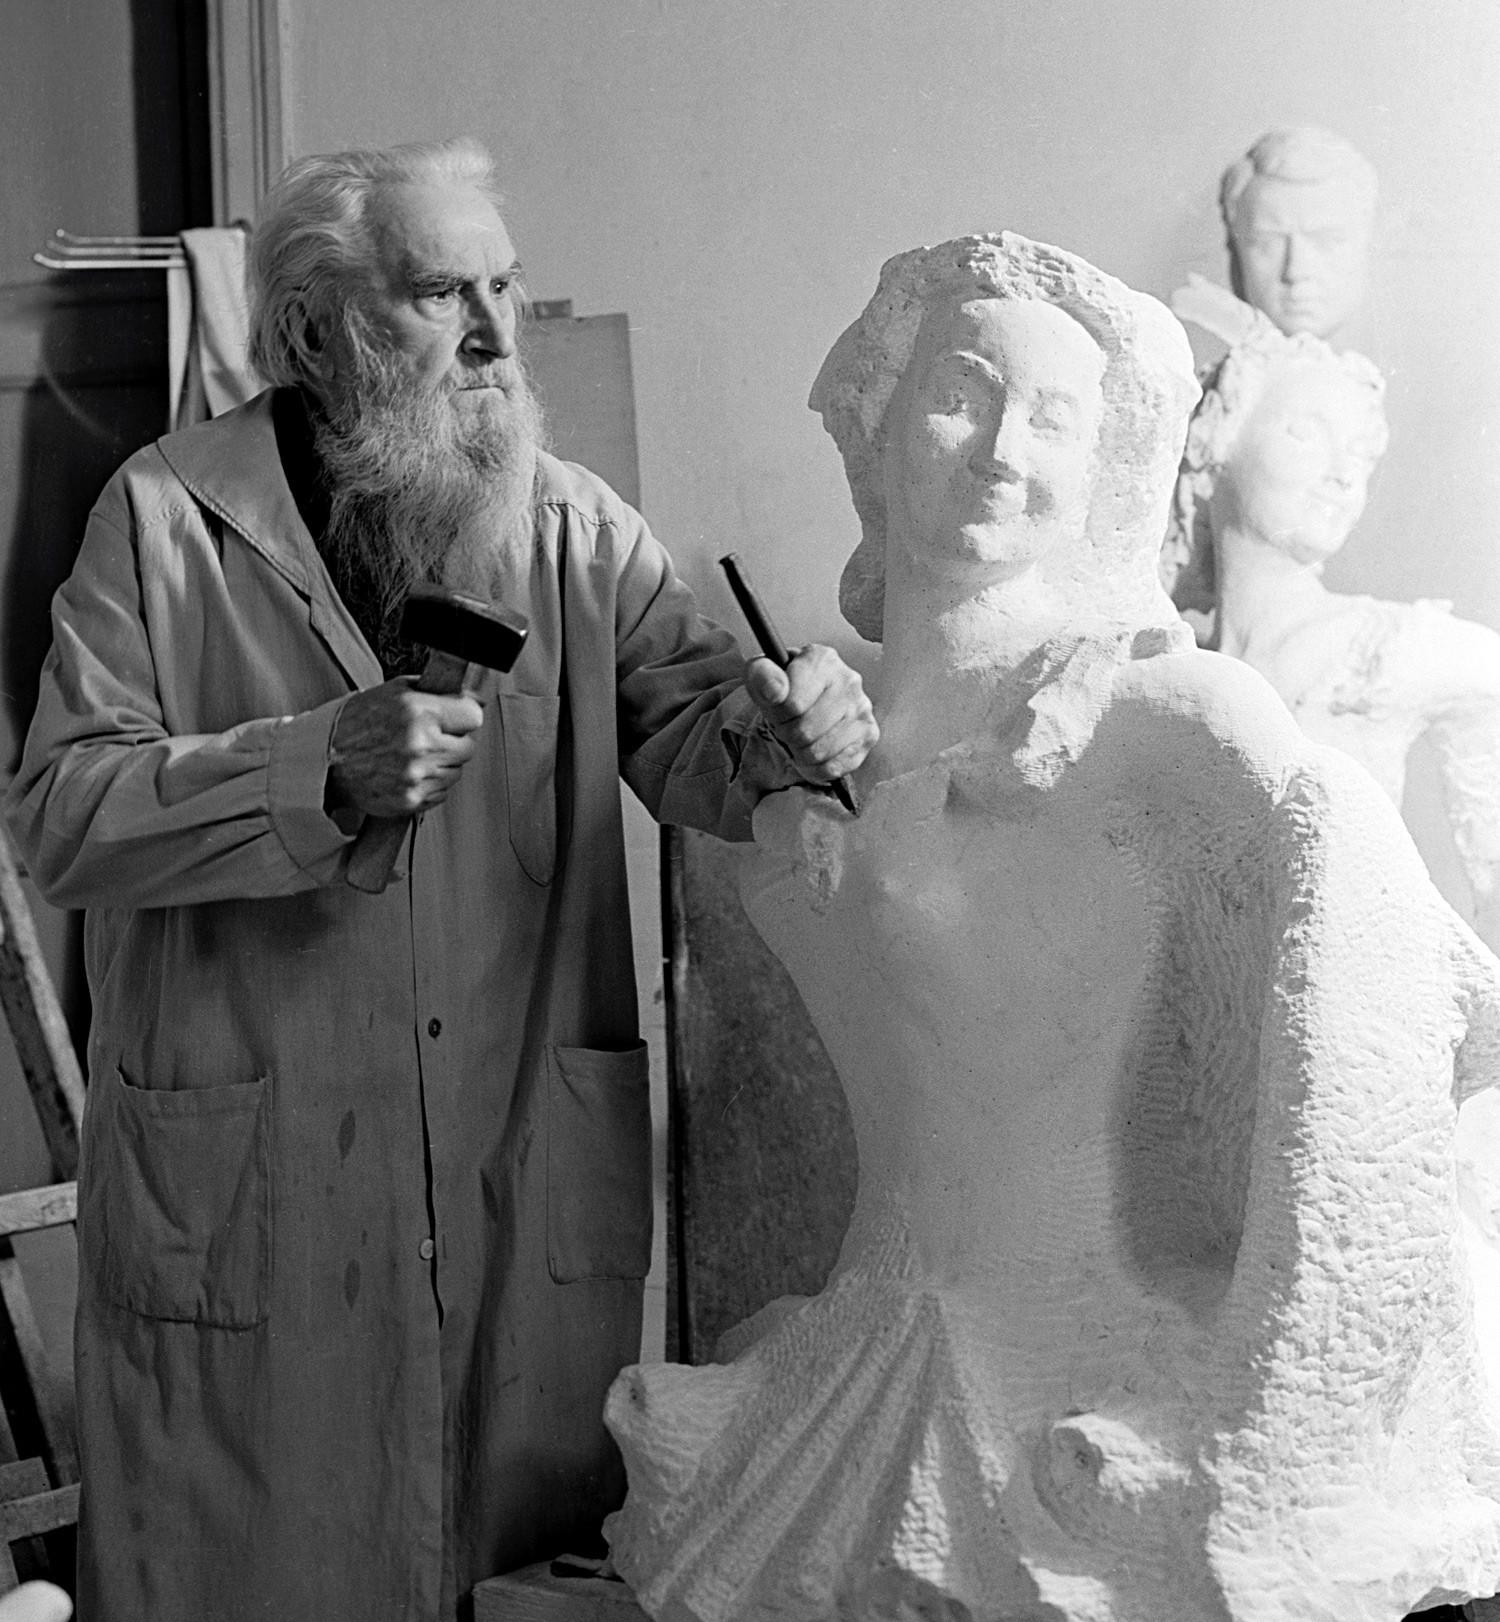 """Sergej Konenkow wird oft als """"russischer Rodin"""" bezeichnet. Obwohl er auch über zwei Jahrzehnte in den USA lebte, verlor er nie die Beziehungen zu seiner Heimat. Als er 1945 in die UdSSR zurückkehrte, sandte ihm Stalin persönlich Helfer, um all sein Hab und Gut zu transportieren."""